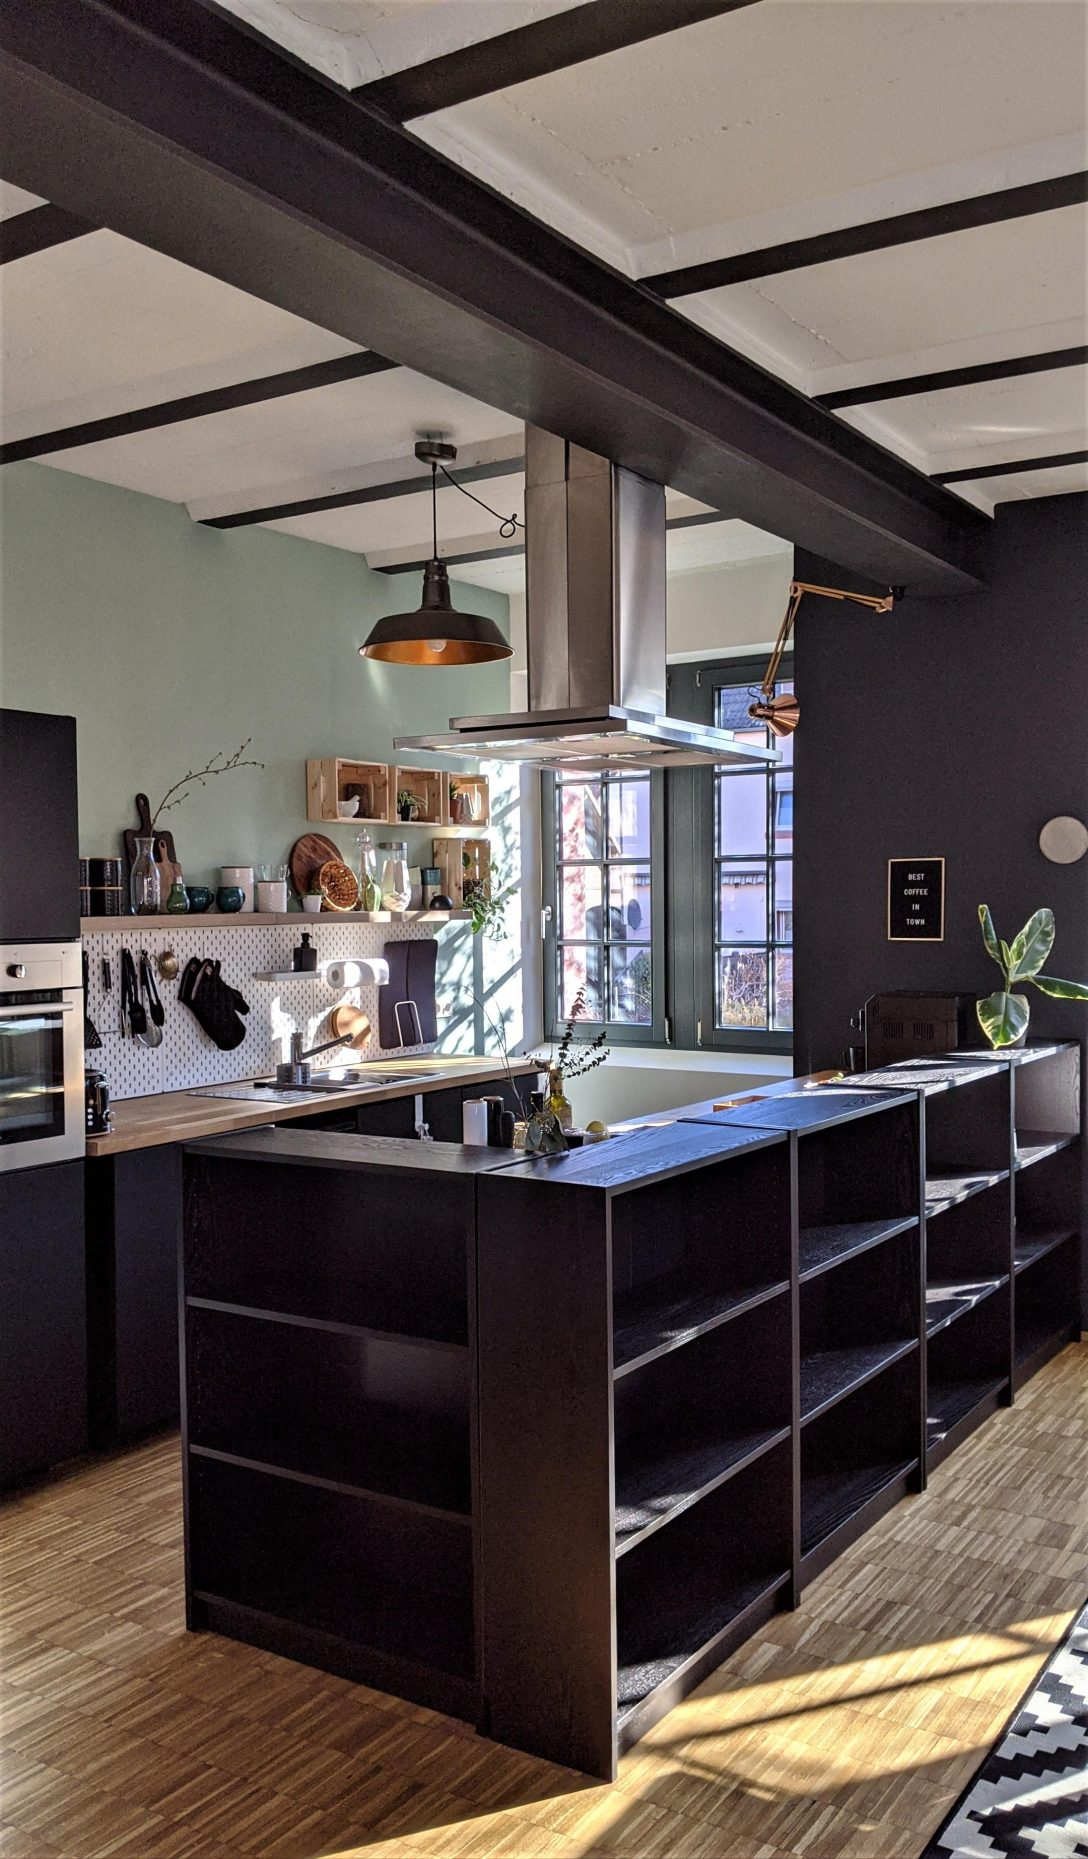 Large Size of Ikea Hacks Küche So Machst Du Deine Mbel Zu Einzelstcken Einbauküche Nobilia Pendelleuchte Fliesenspiegel Glas Hängeschränke Singleküche Mit Kühlschrank Wohnzimmer Ikea Hacks Küche